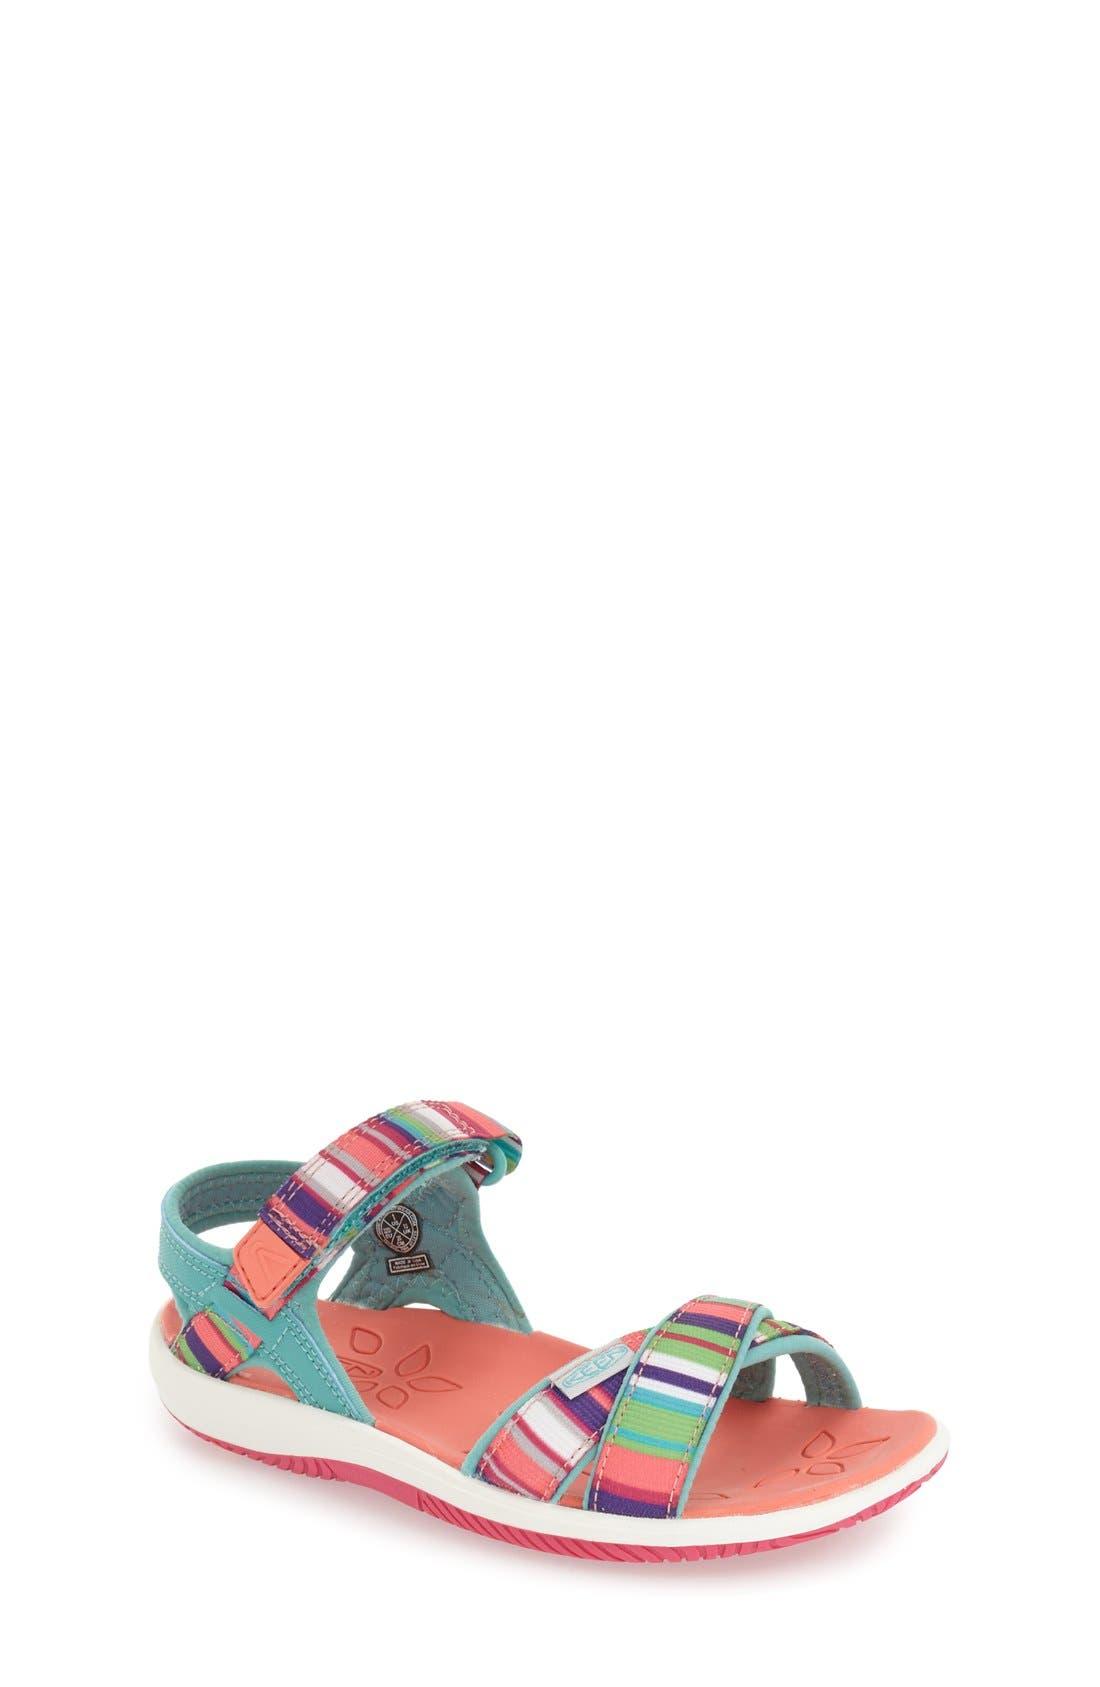 'Phoebe' Sandal,                             Main thumbnail 1, color,                             400